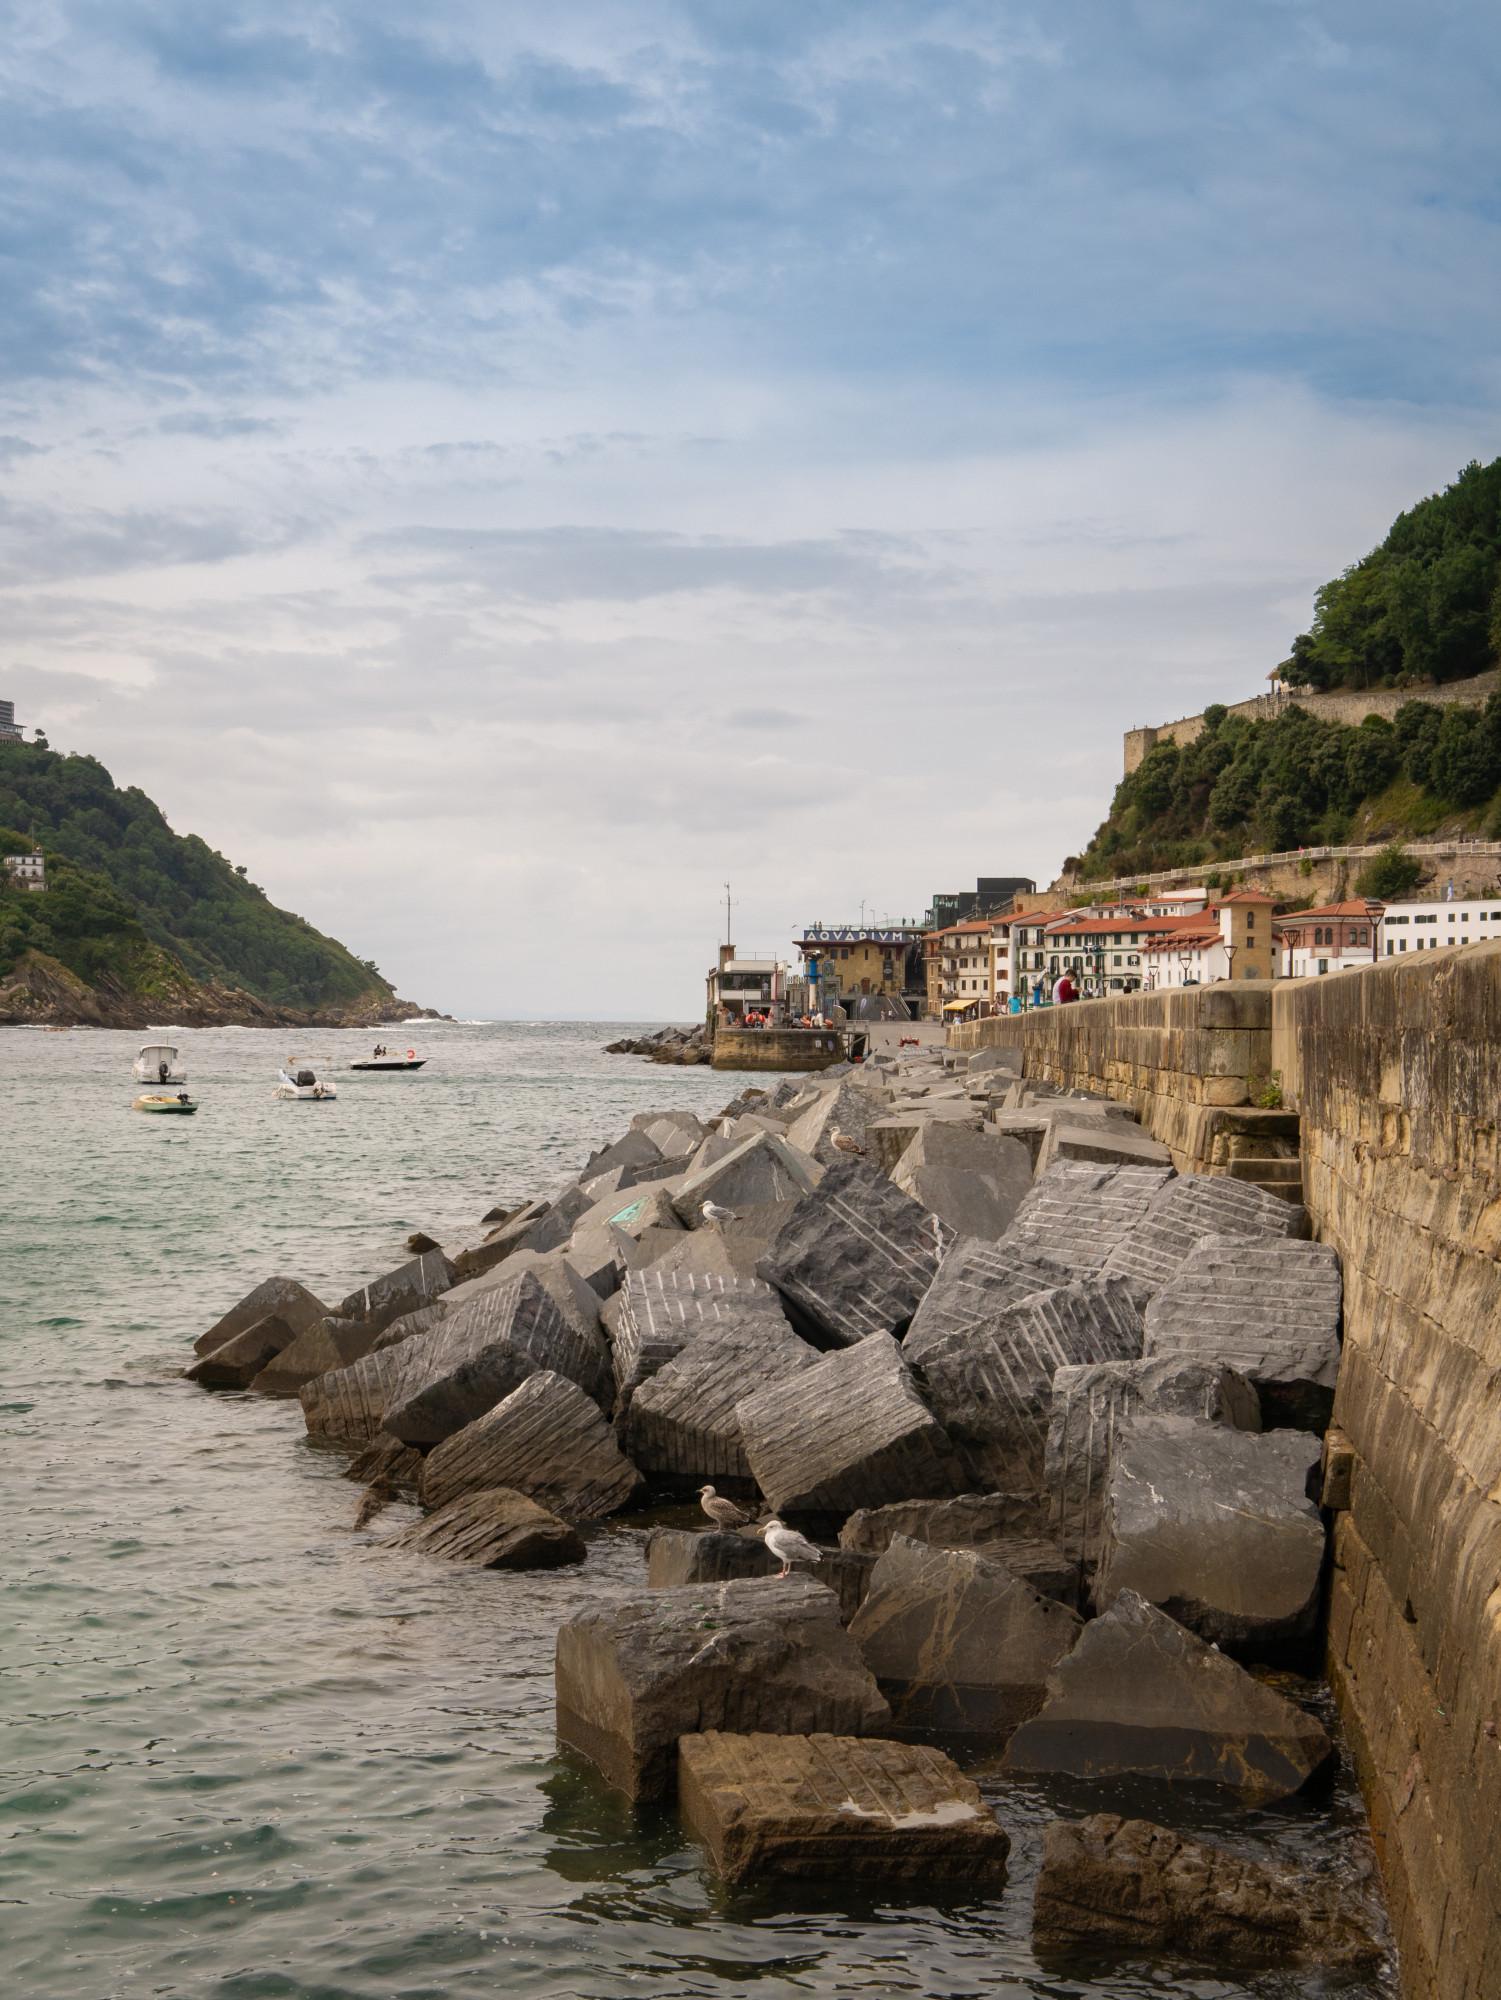 Entre du port de San Sebastin (Donostia en basque), Espagne - Pays Basque, France & Espagne